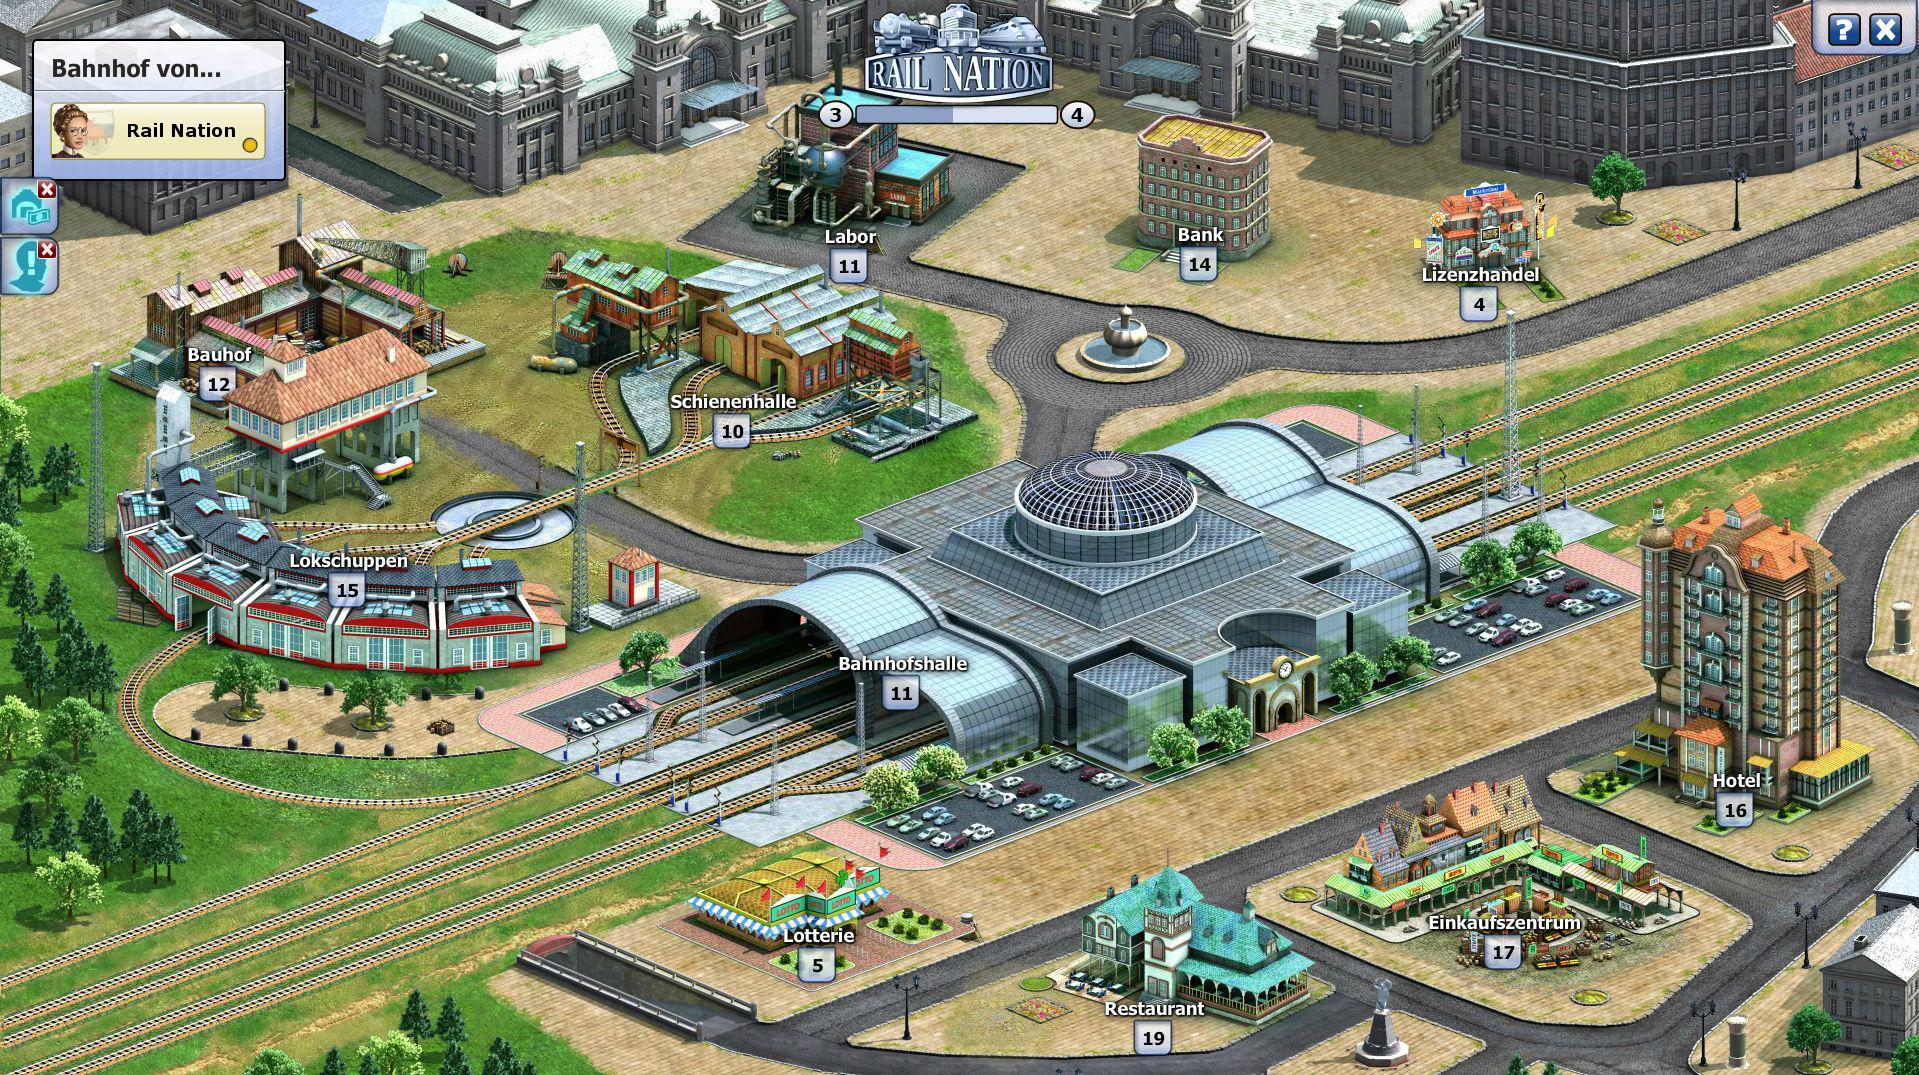 Rail Nation - Der eigene Bahnhof